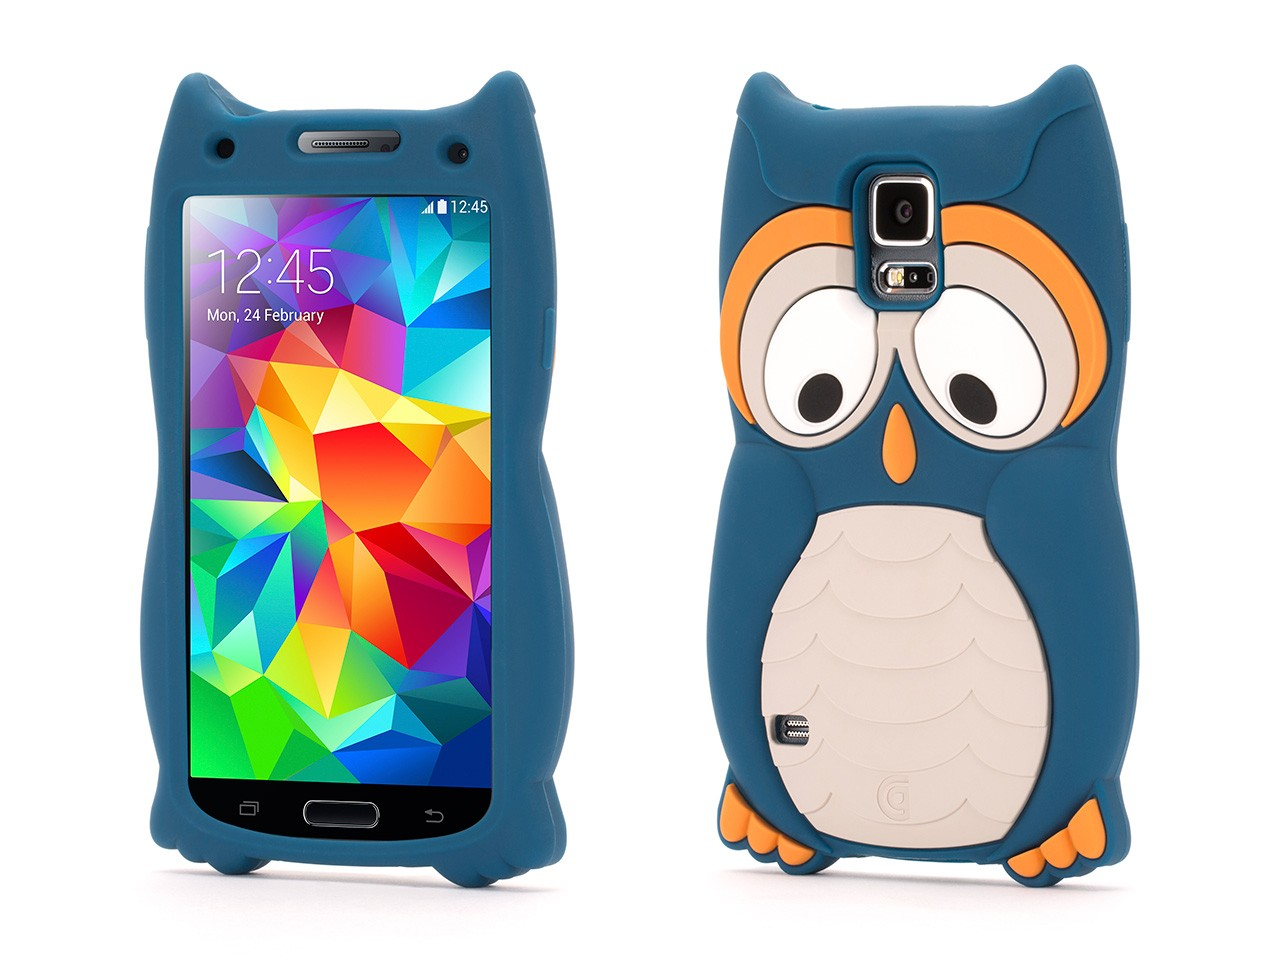 Samsung Galaxy S5 Protective Case KaZoo Protective Animal Case -Owl